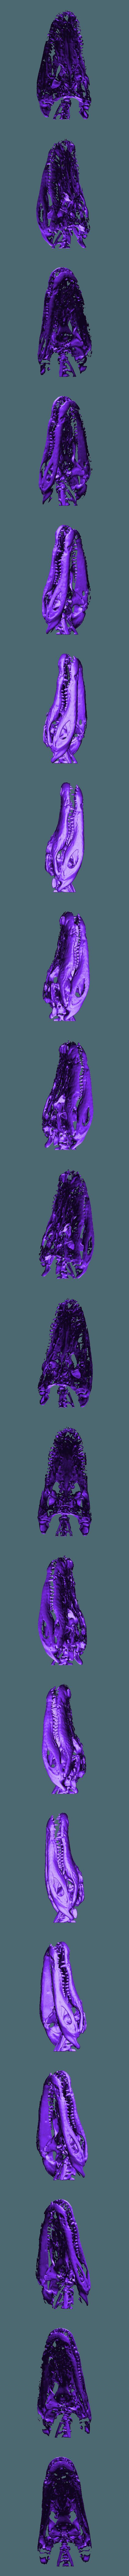 aligator_skull.stl Télécharger fichier STL gratuit Gator l'alligator - tomodensitométrie • Objet imprimable en 3D, Valchanov